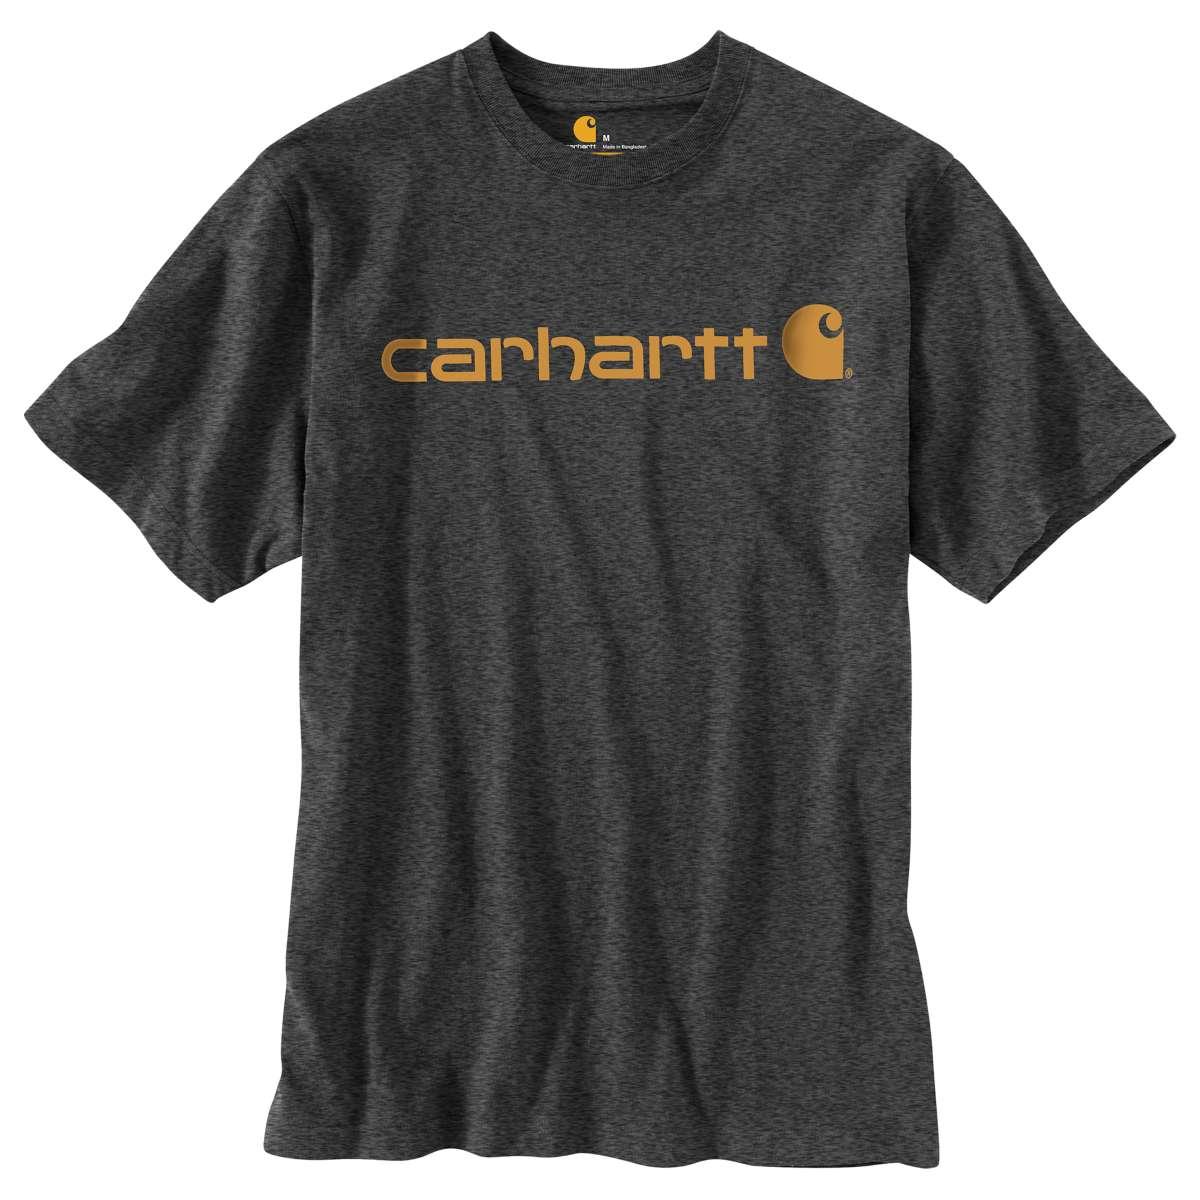 Carhartt Men's Logo Short-Sleeve Tee, Extended Sizes - Black, XLT